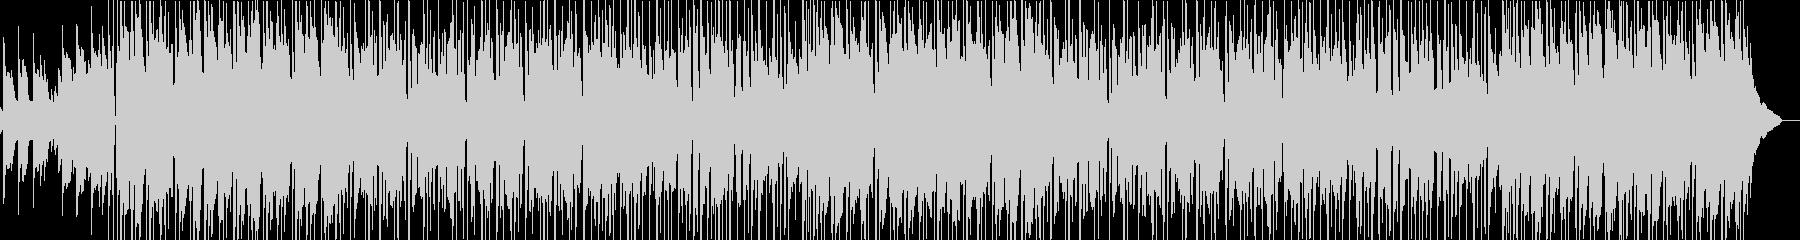 ゆったりとくつろげるアコギポップスの未再生の波形